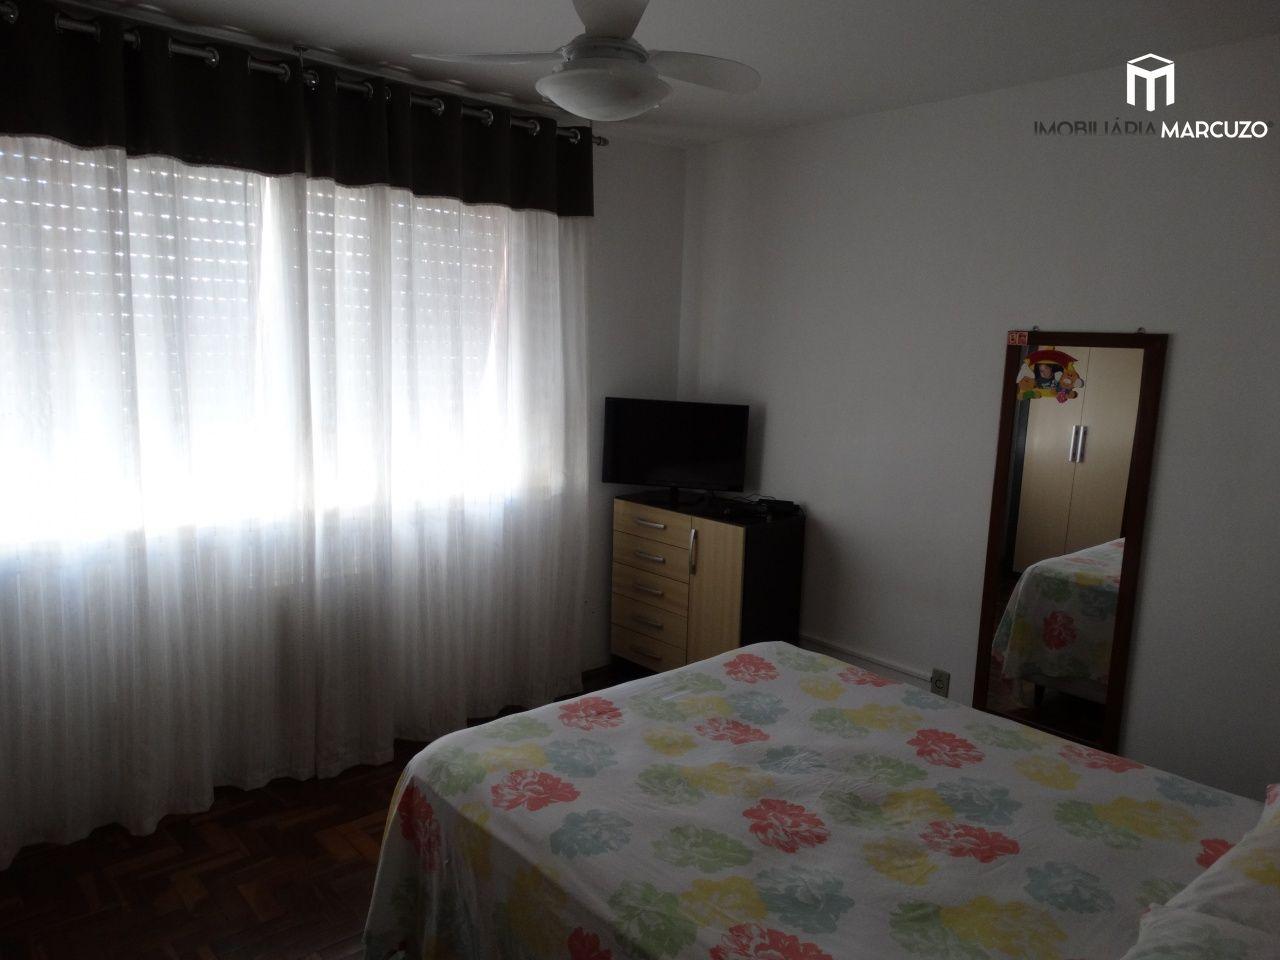 Apartamento com 2 Dormitórios à venda, 91 m² por R$ 290.000,00